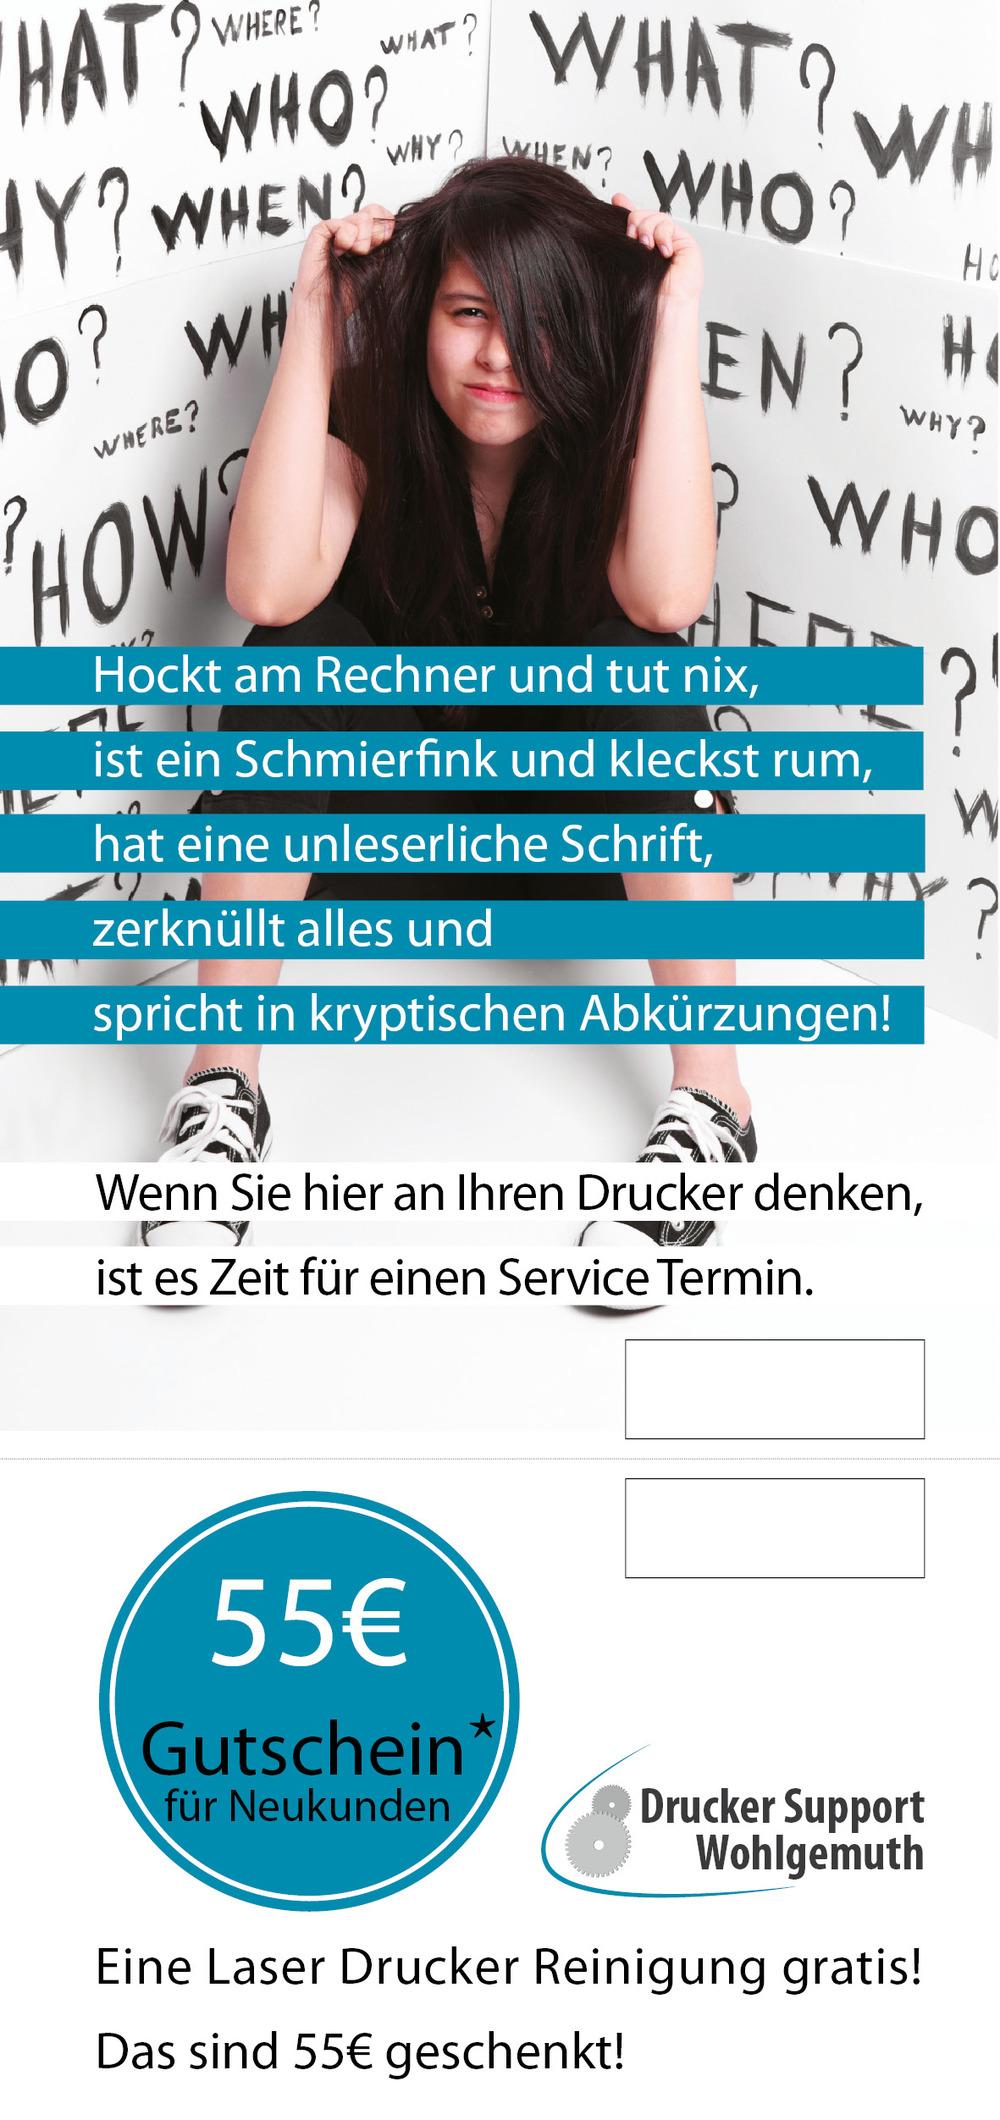 flyer Drucker Support Wohlgemuth 1.jpg